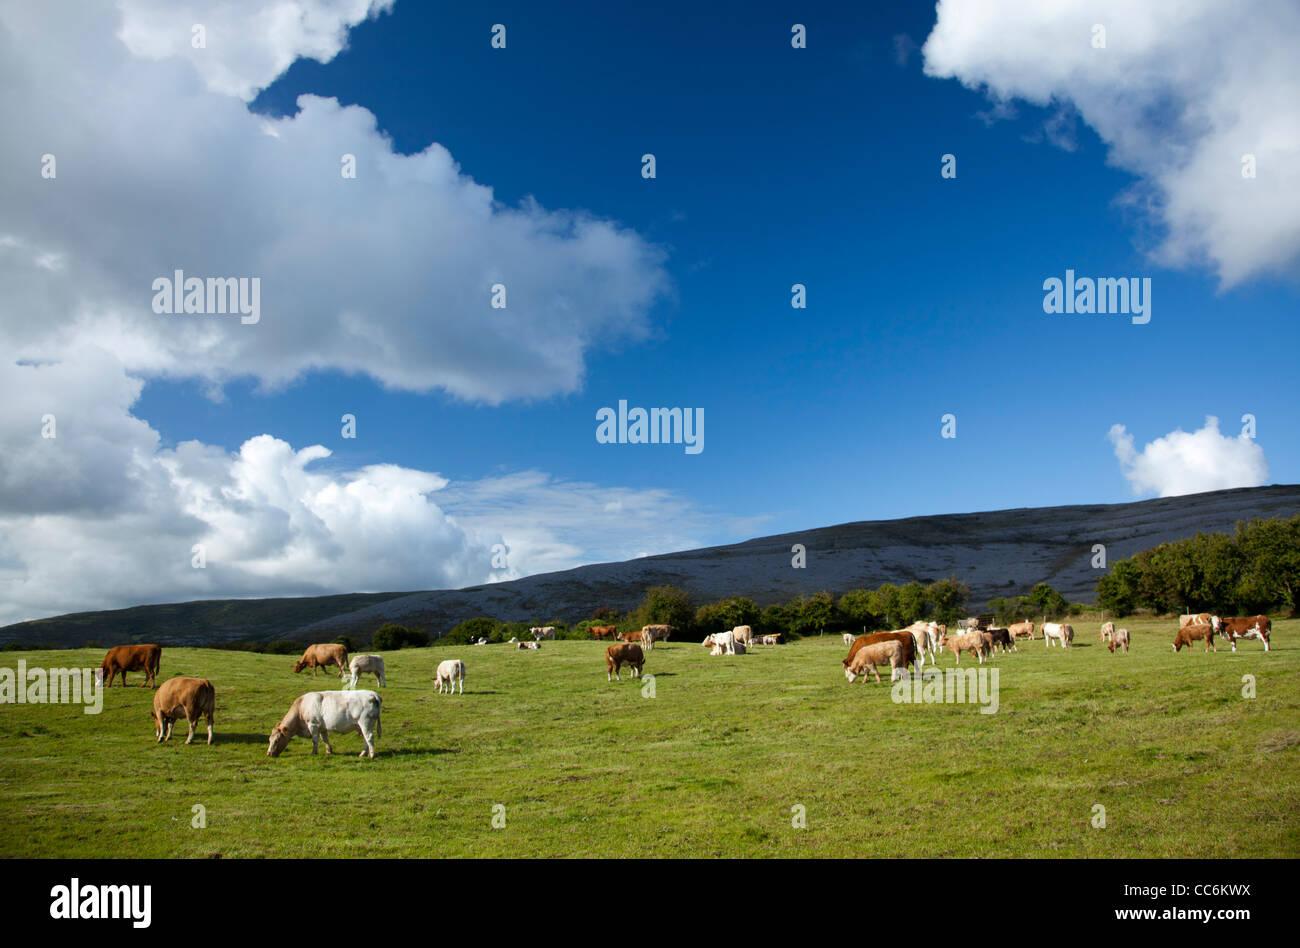 Rinder grasen auf ein Feld, Burren, County Clare, Irland. Stockbild